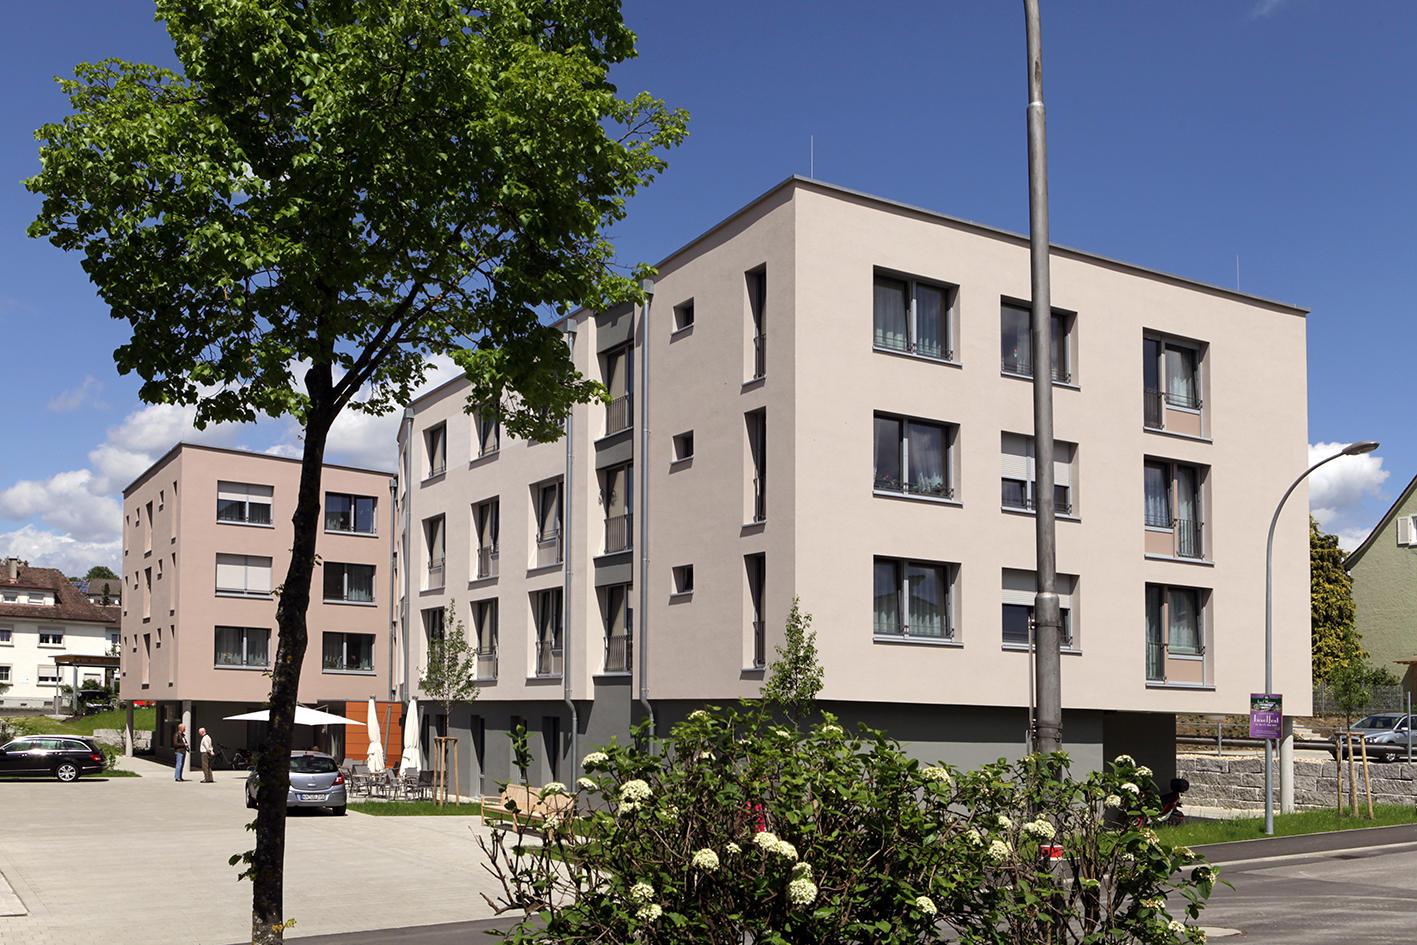 Seniorenzentrum Stockach - Evangelisches Altenpflegeheim